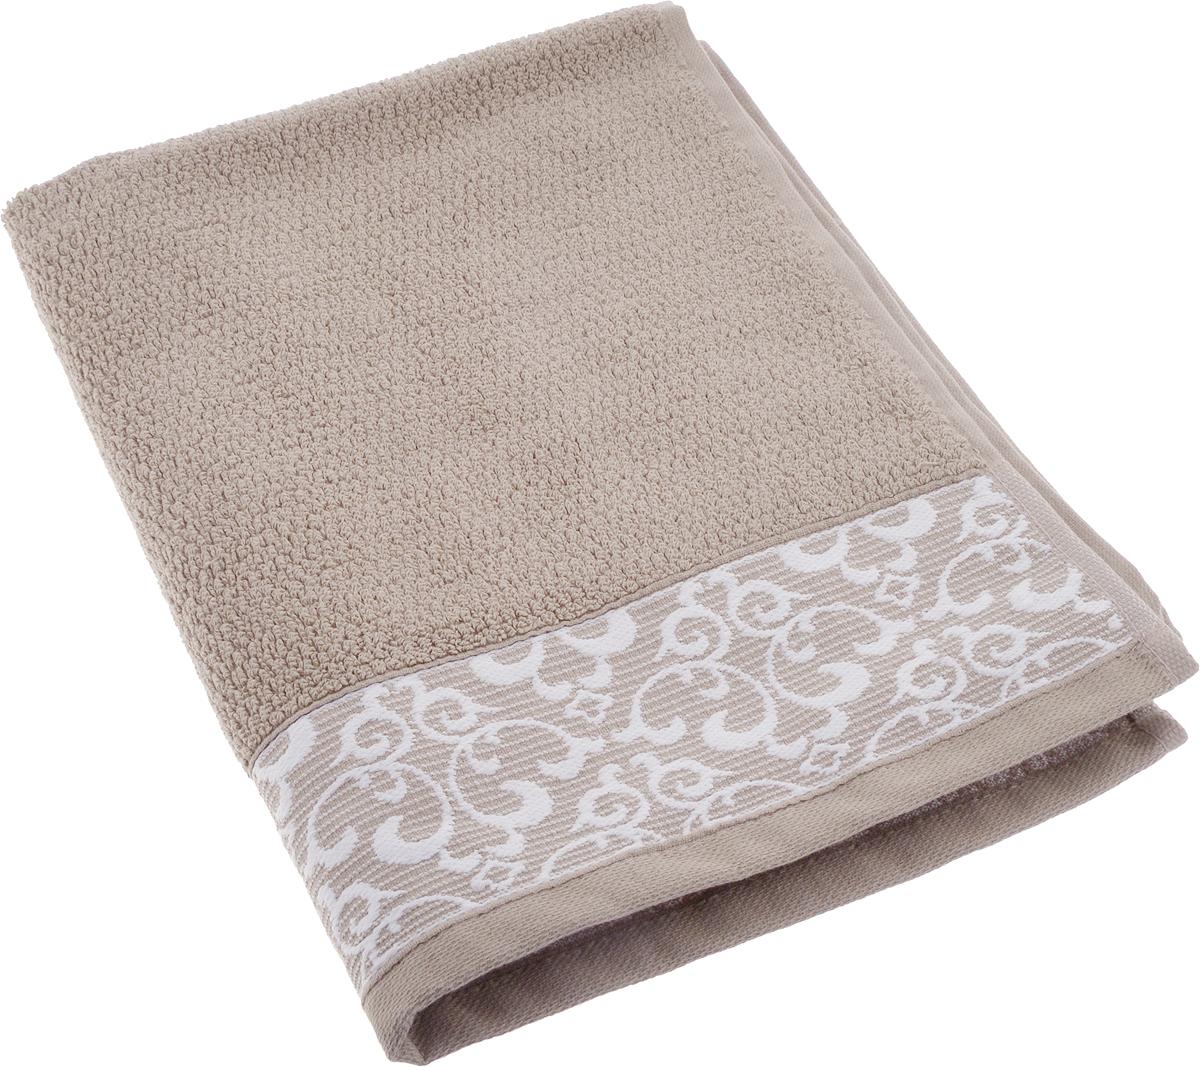 Полотенце махровое Issimo Home Verda, цвет: коричневый, 50 х 90 см00000005478Прекрасное полотенце Issimo Home Verda выполнено из натуральной махровой ткани (100%хлопок). Изделие отлично впитывает влагу, быстро сохнет и не теряет форму даже послемногократных стирок. Рекомендации по уходу: - режим стирки при 40°C, - допускается обычная химчистка, - отбеливание запрещено, - глажка при температуре подошвы утюга до 110°С, - барабанный отжим запрещен. Размер полотенца: 50 x 90 см.